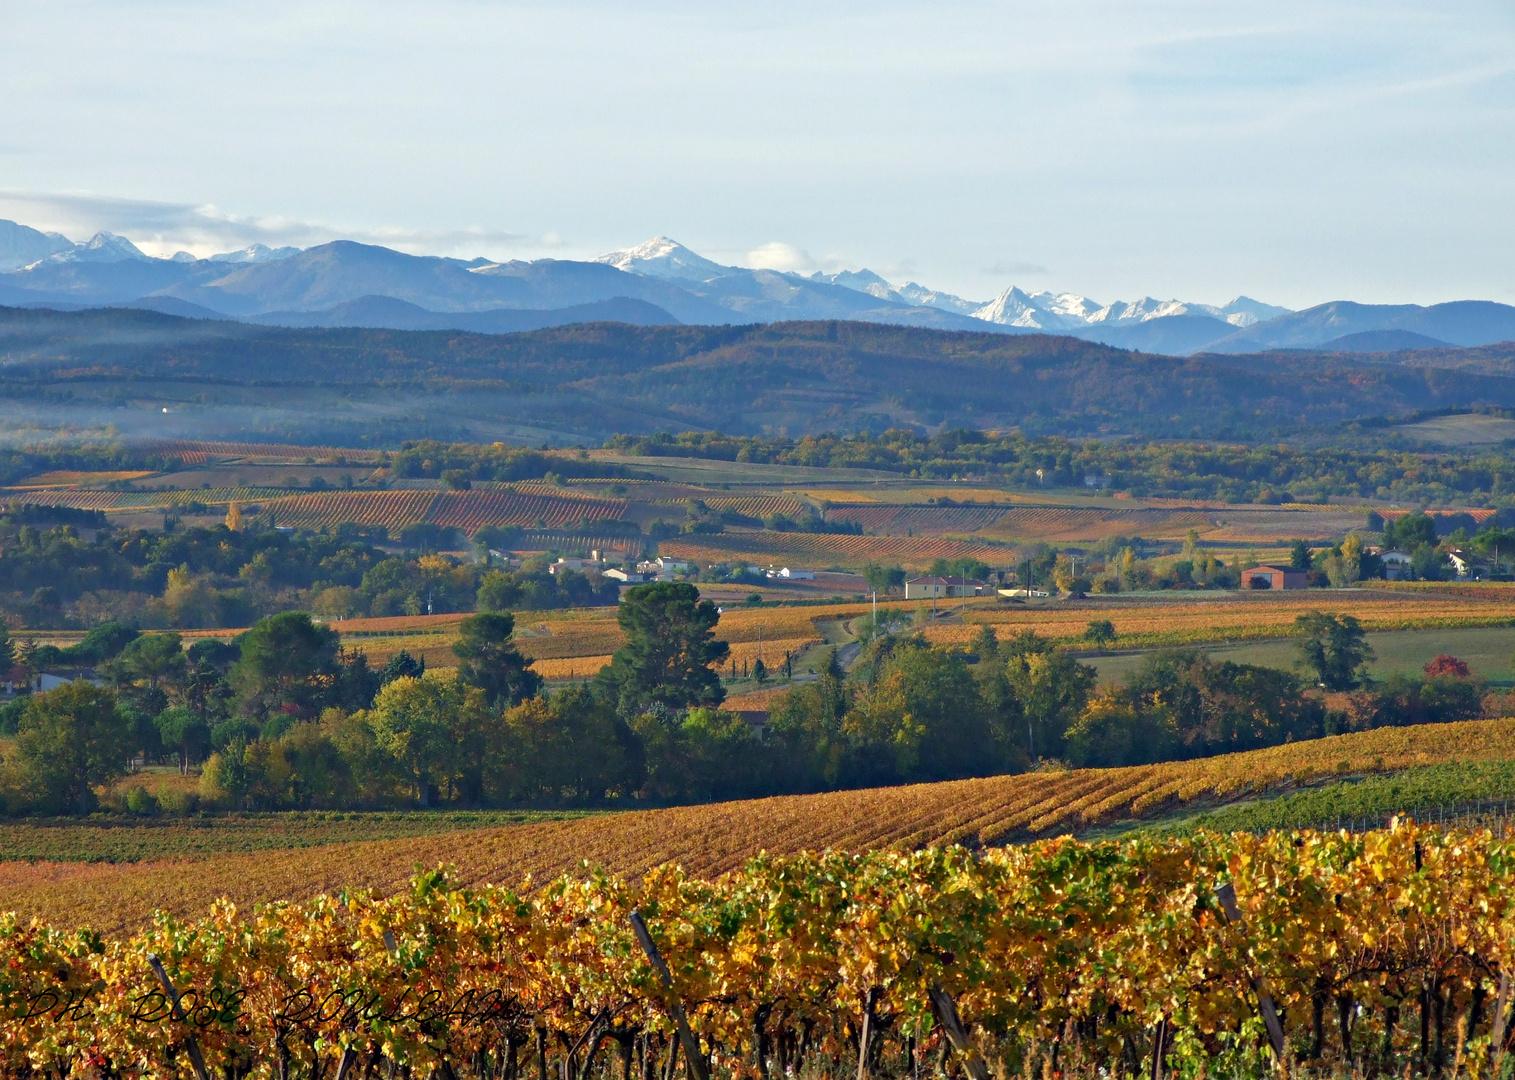 Les vignes en automne et première neige sur les pyrénées orientales